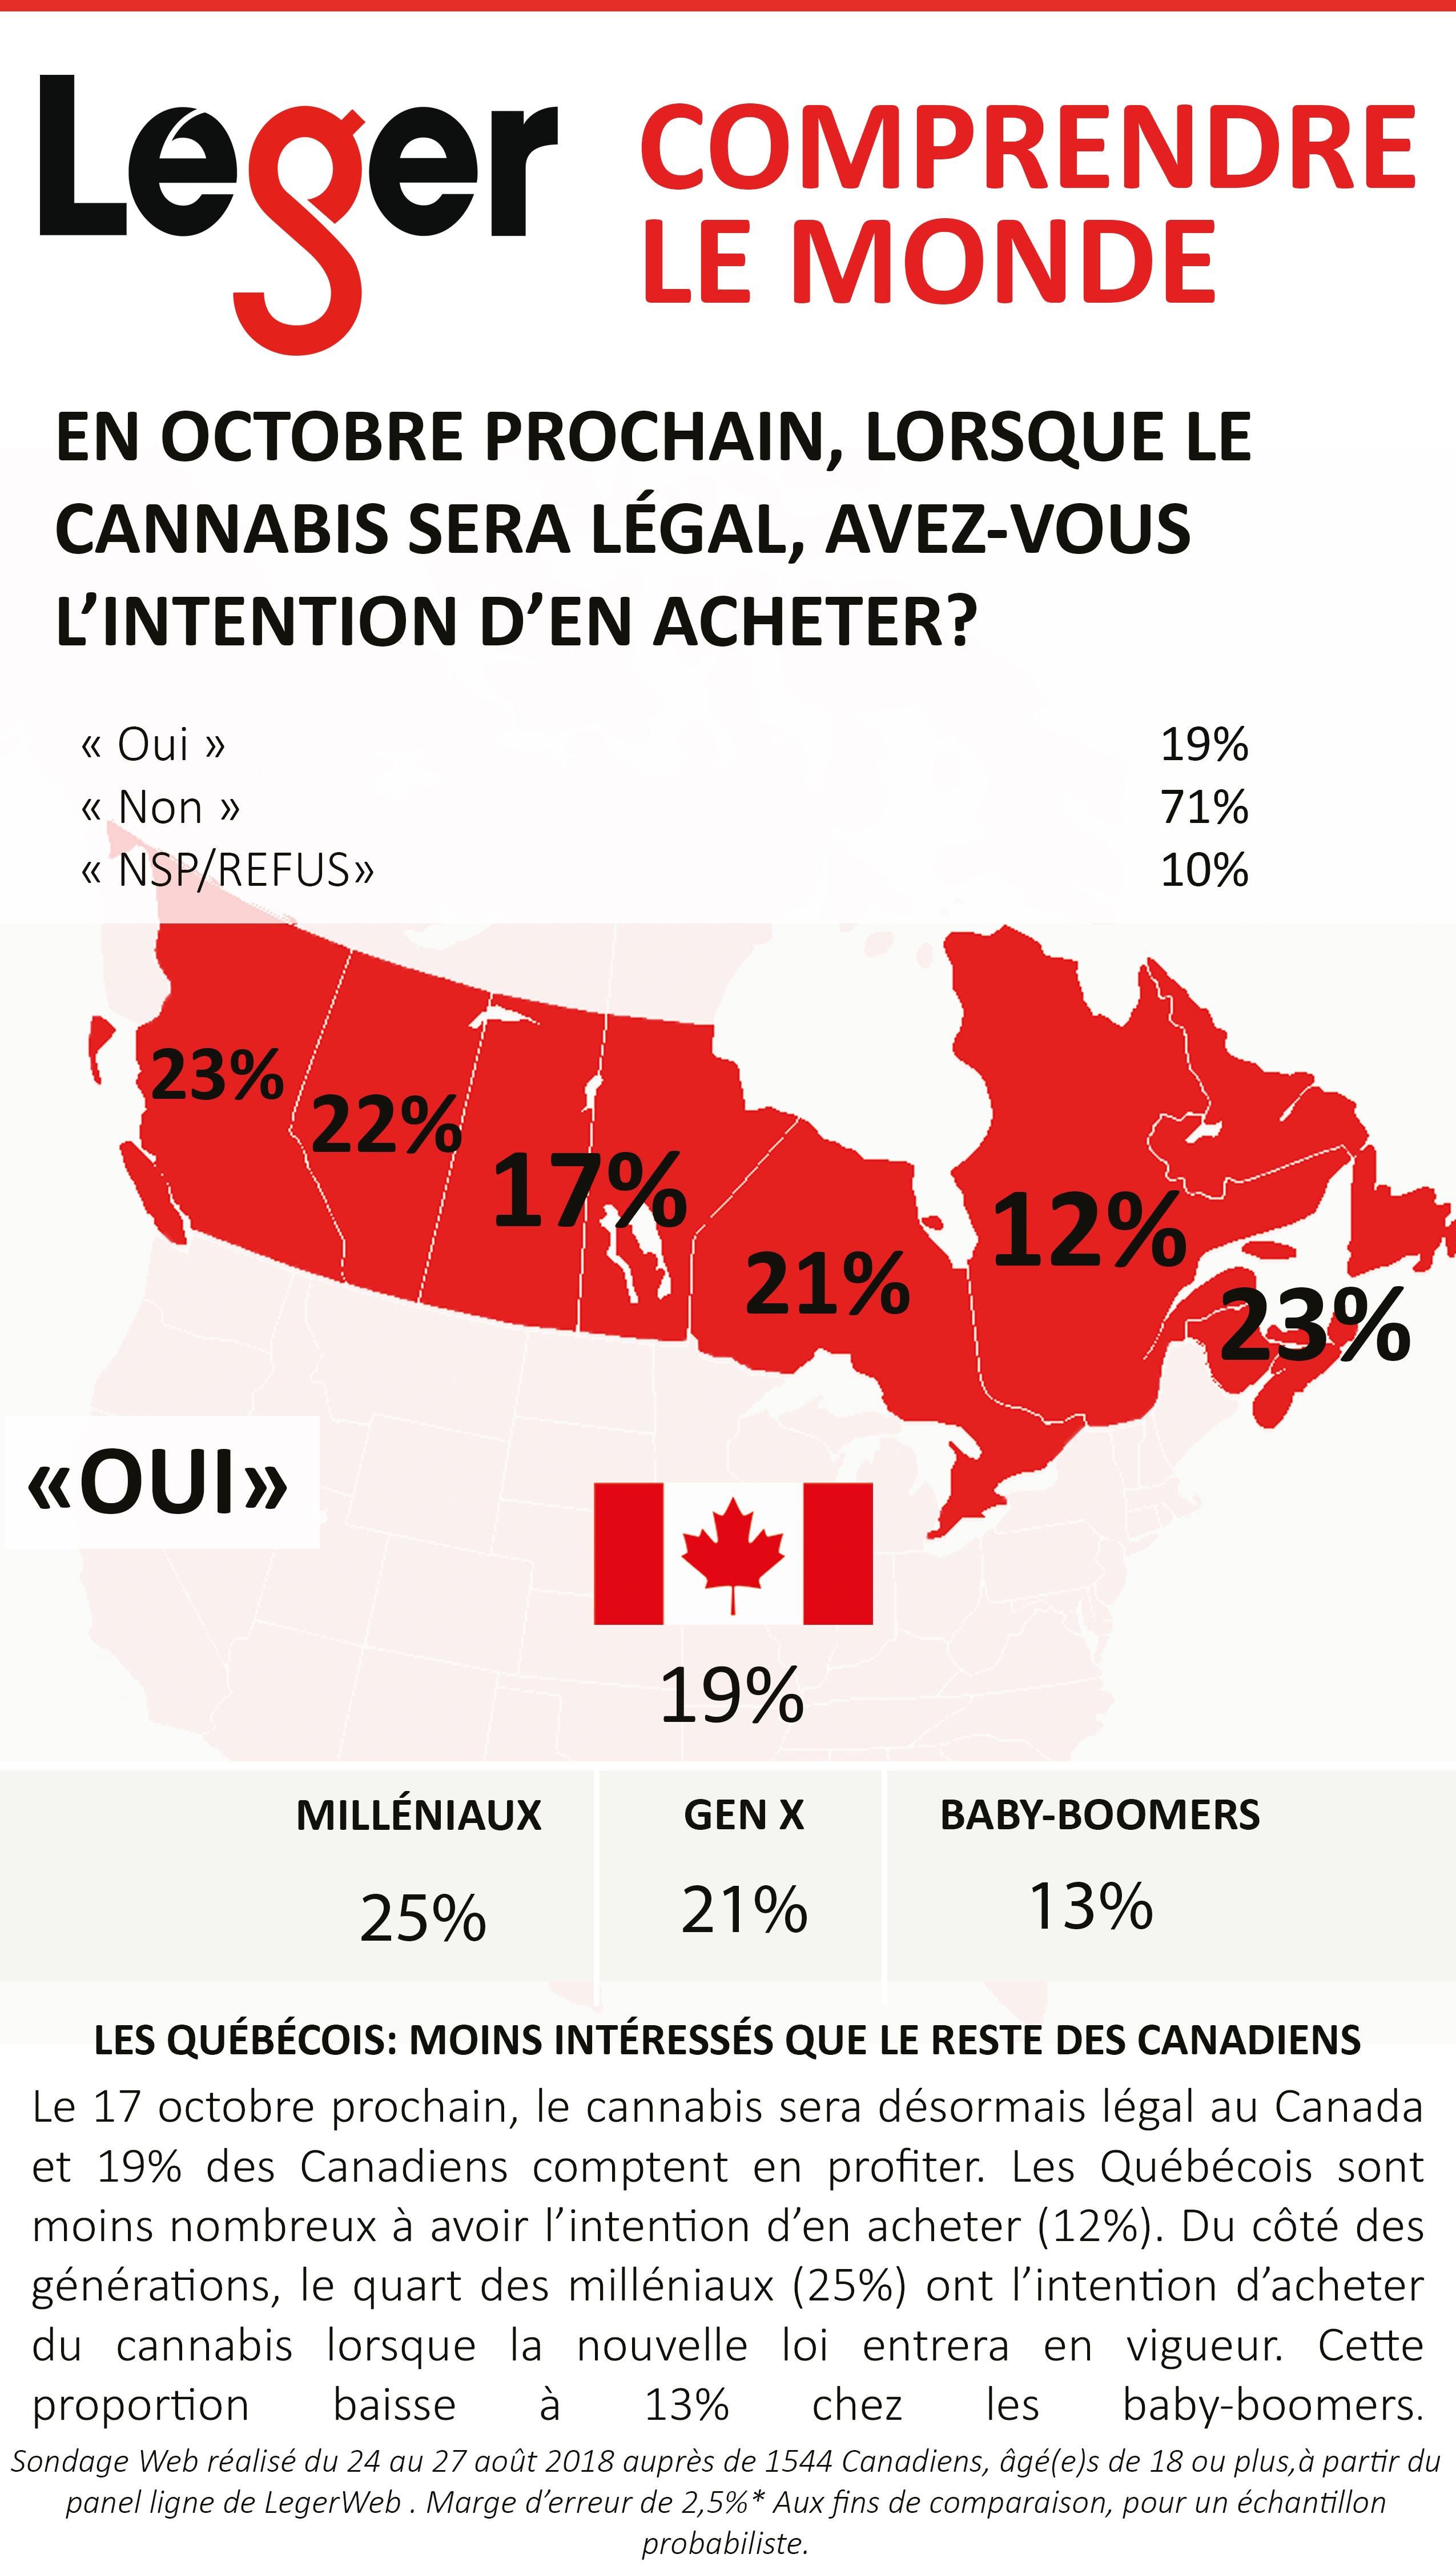 Sondage Léger: les Québécois moins intéressés que le reste des Canadiens par le